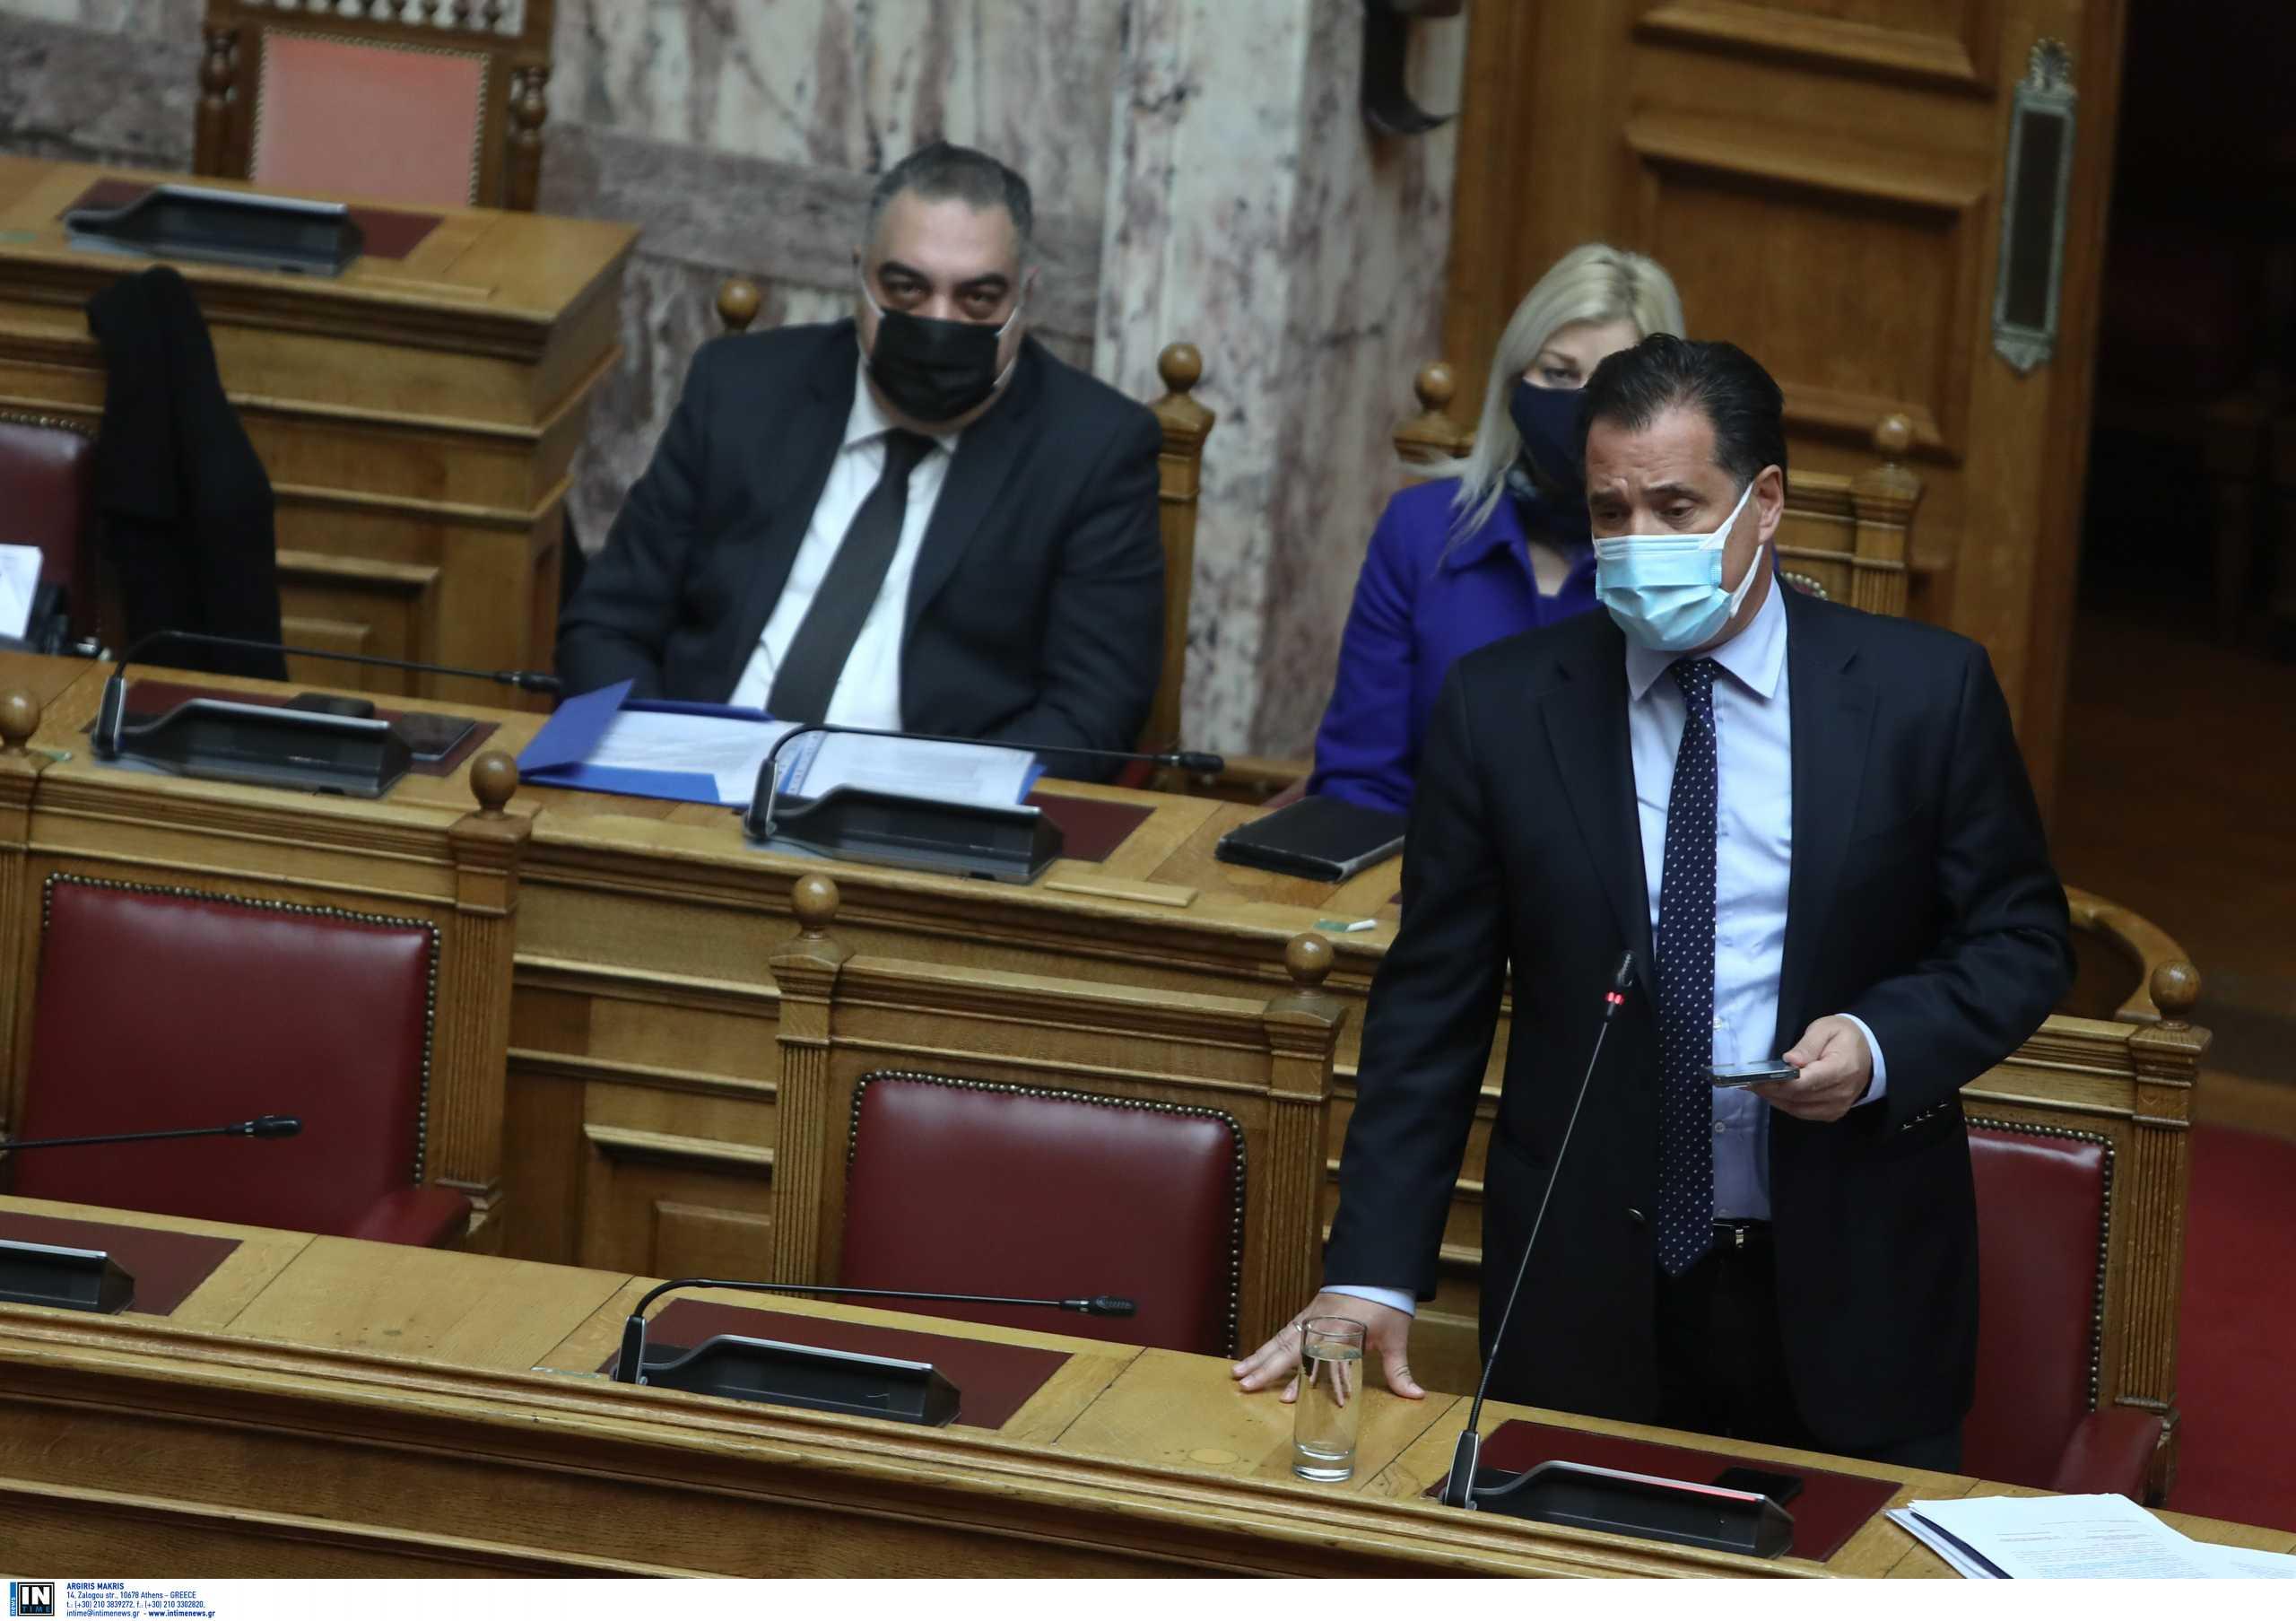 Ο Άδωνις Γεωργιάδης προανήγγειλε άνοιγμα των δεξιώσεων – Τι είπε για την εστίαση